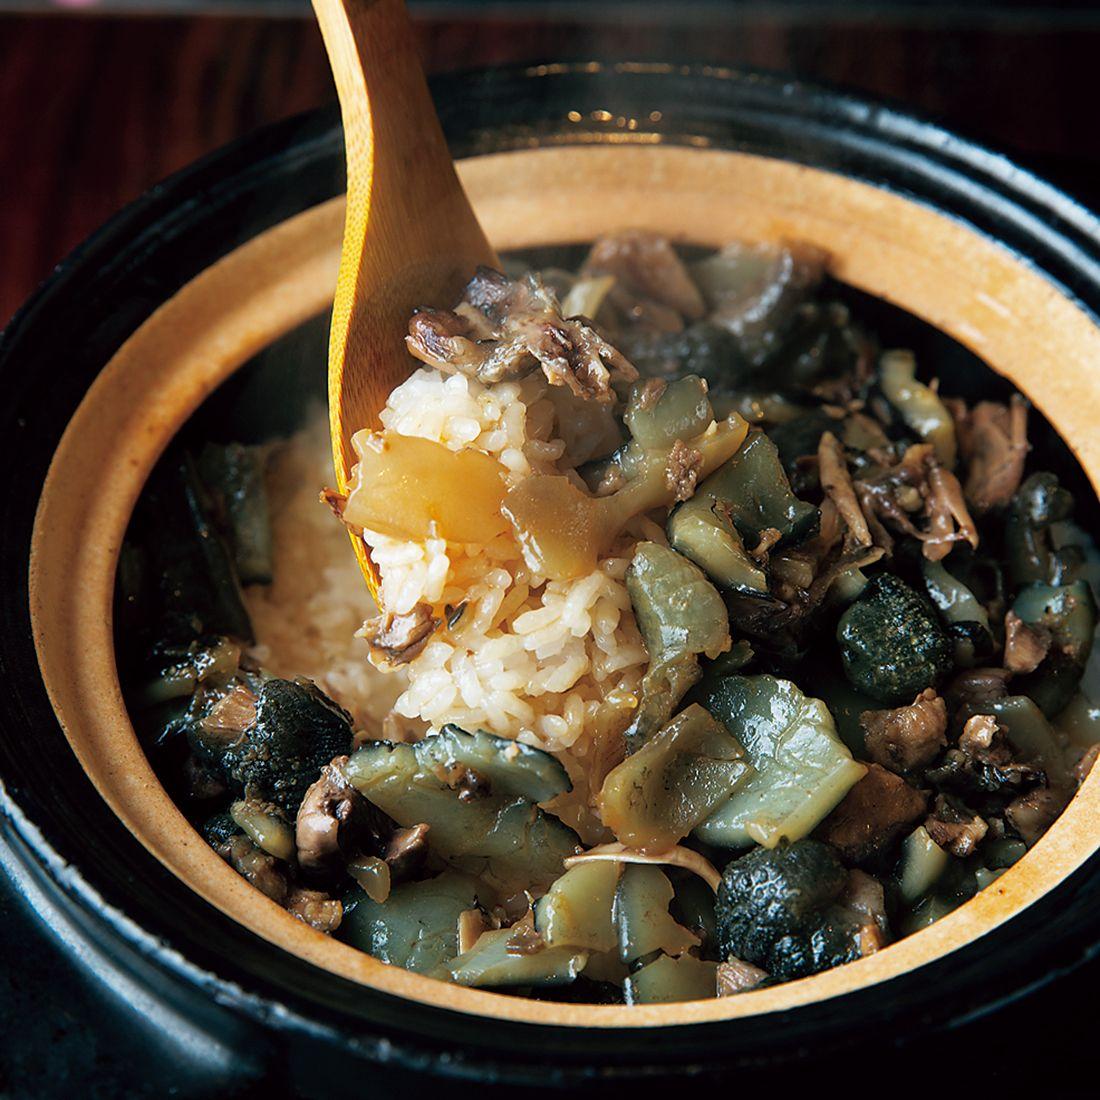 土鍋の炊き立てご飯にスッポンを混ぜて仕上げる〆の食事。